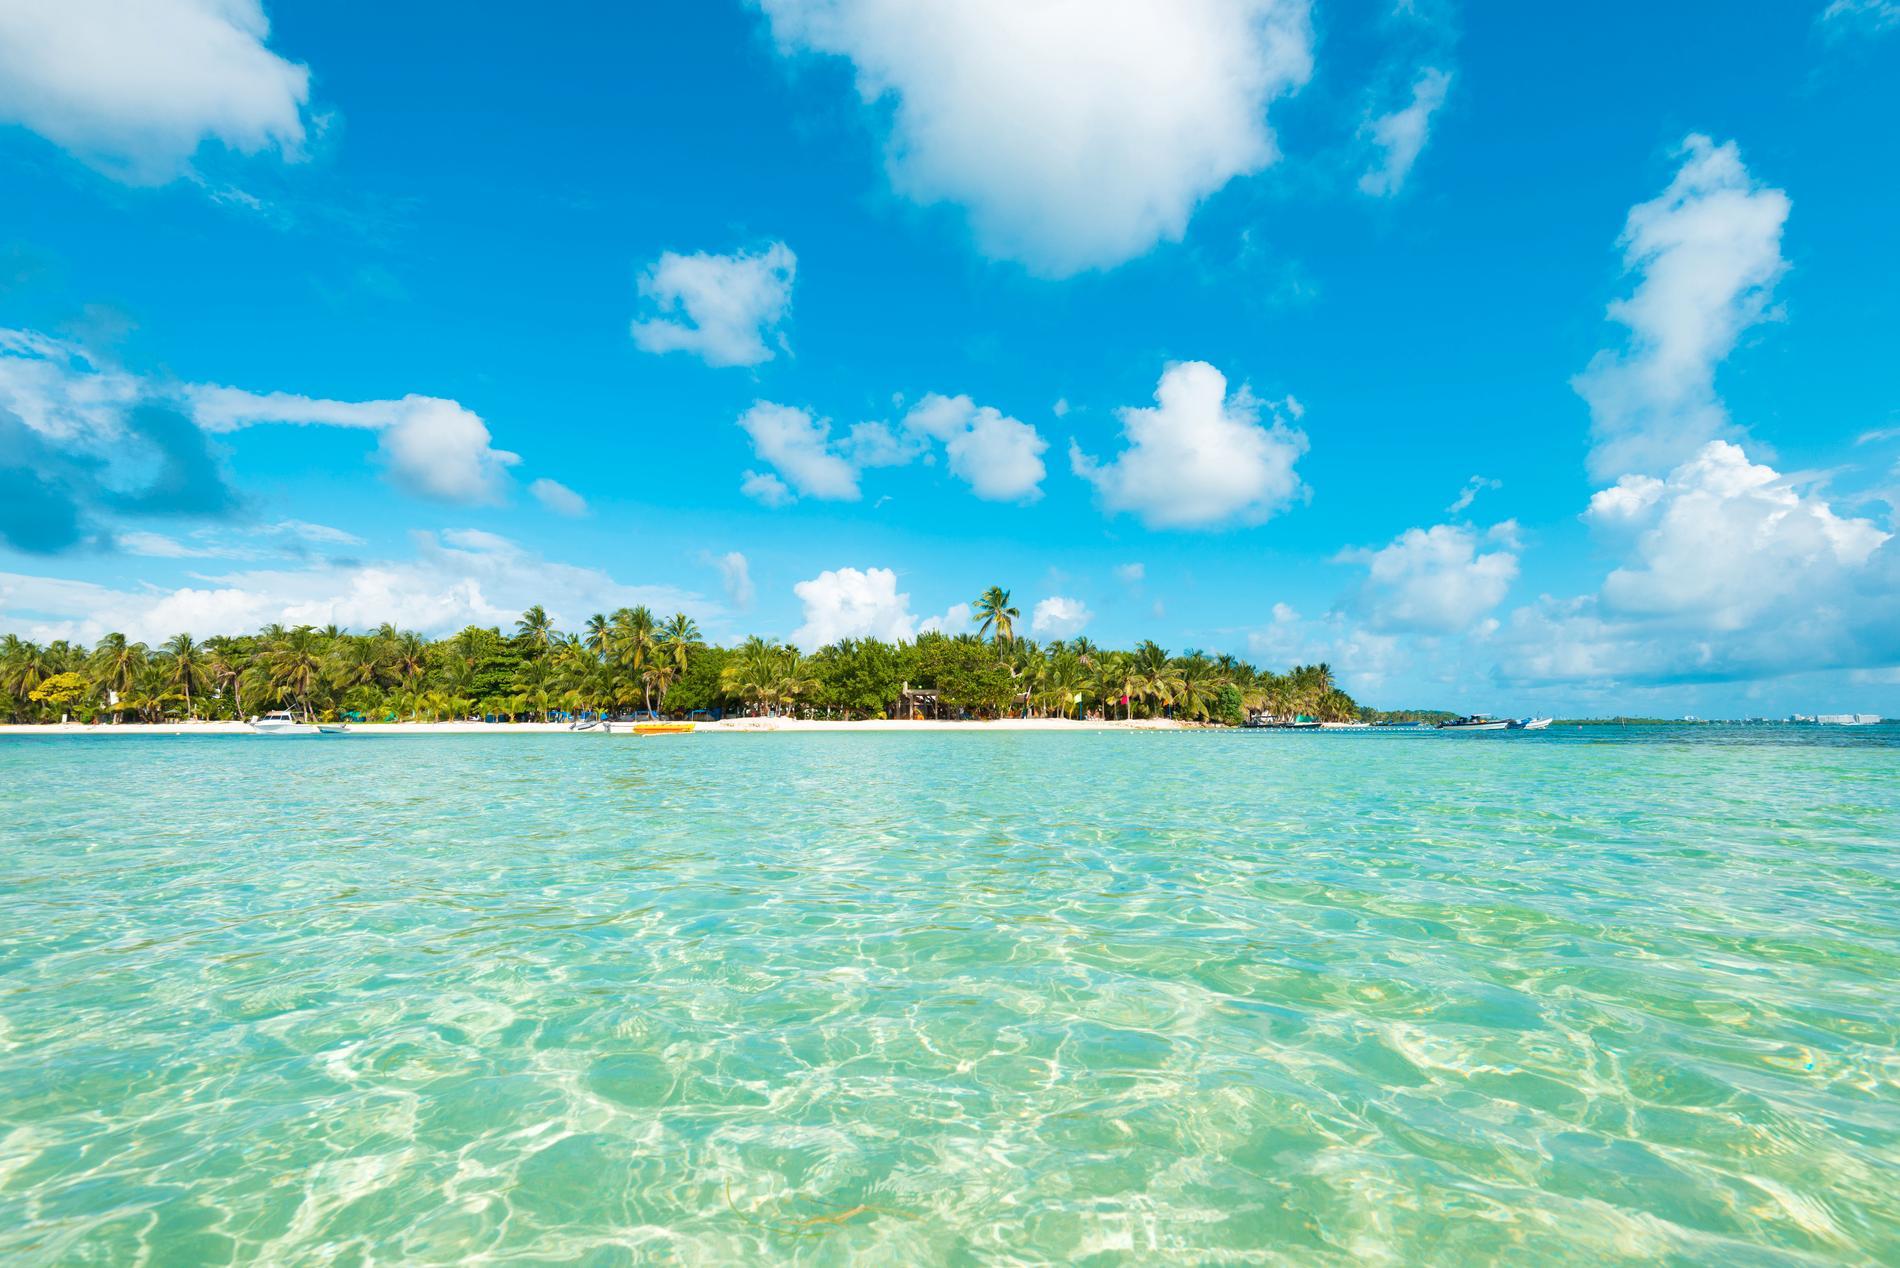 Ön San Andres tillhör Colombia, även om den ligger utanför Nicaragua.